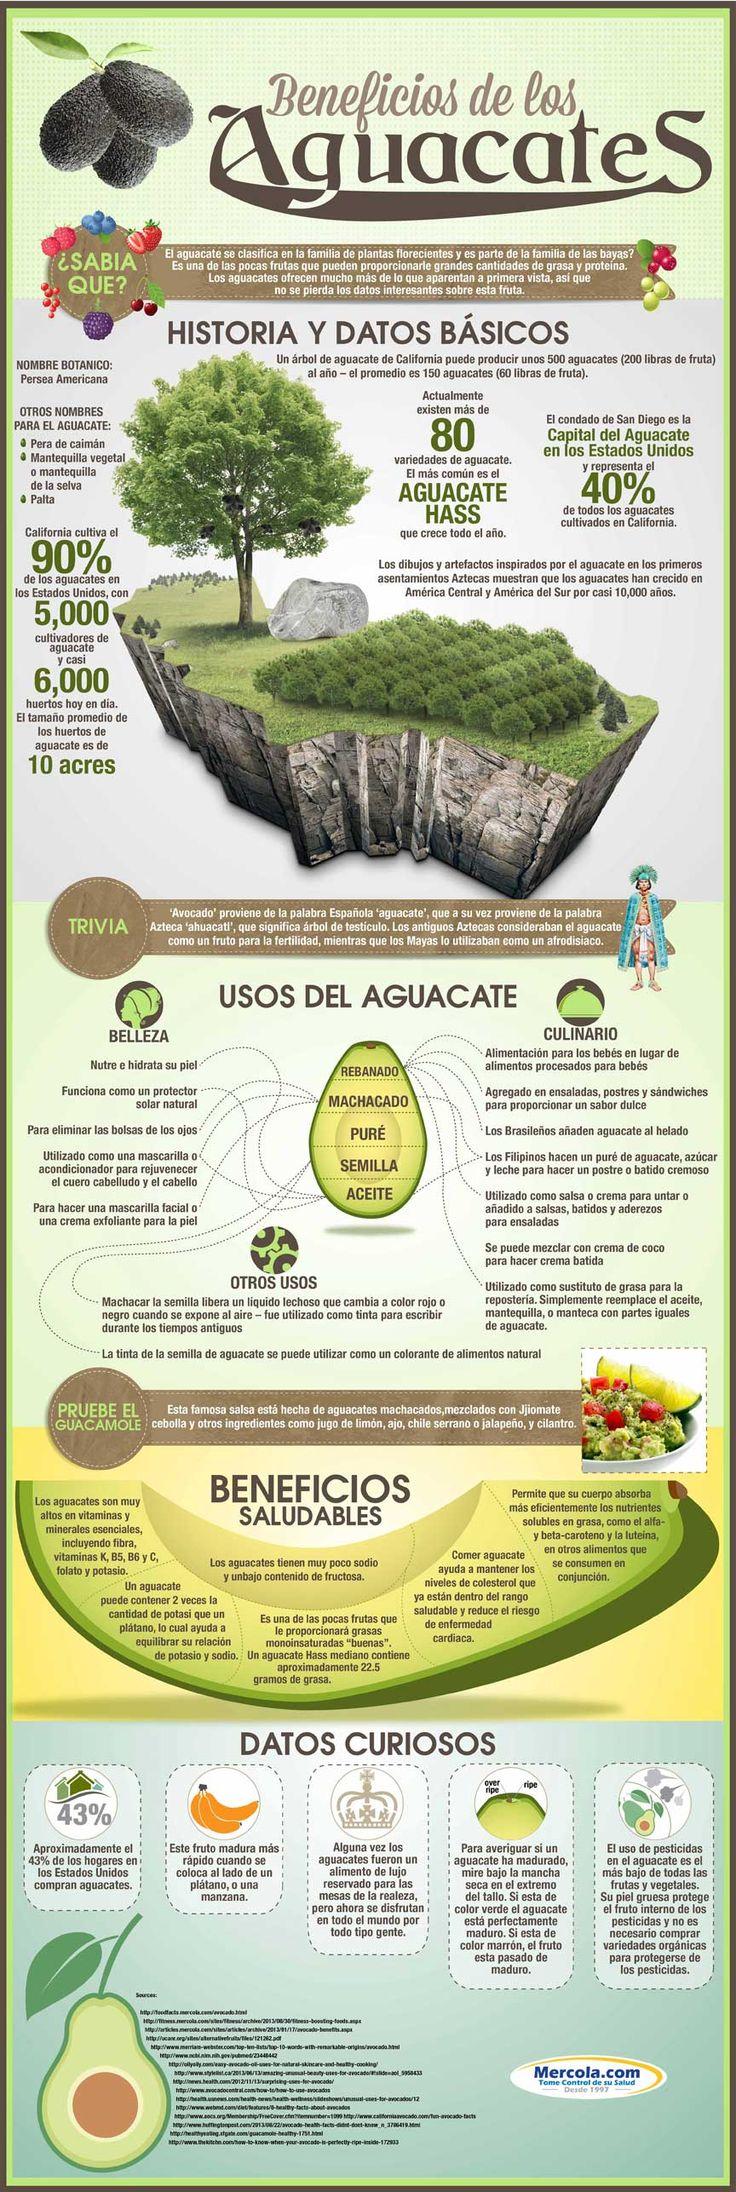 """Descubra los usos y beneficios del aguacate a través de """"Los Beneficios del Aguacate"""" infografía, y conozca porque esta comida debe formar parte de su dieta. http://espanol.mercola.com/infografias/beneficios-y-usos-del-aguacate.aspx"""